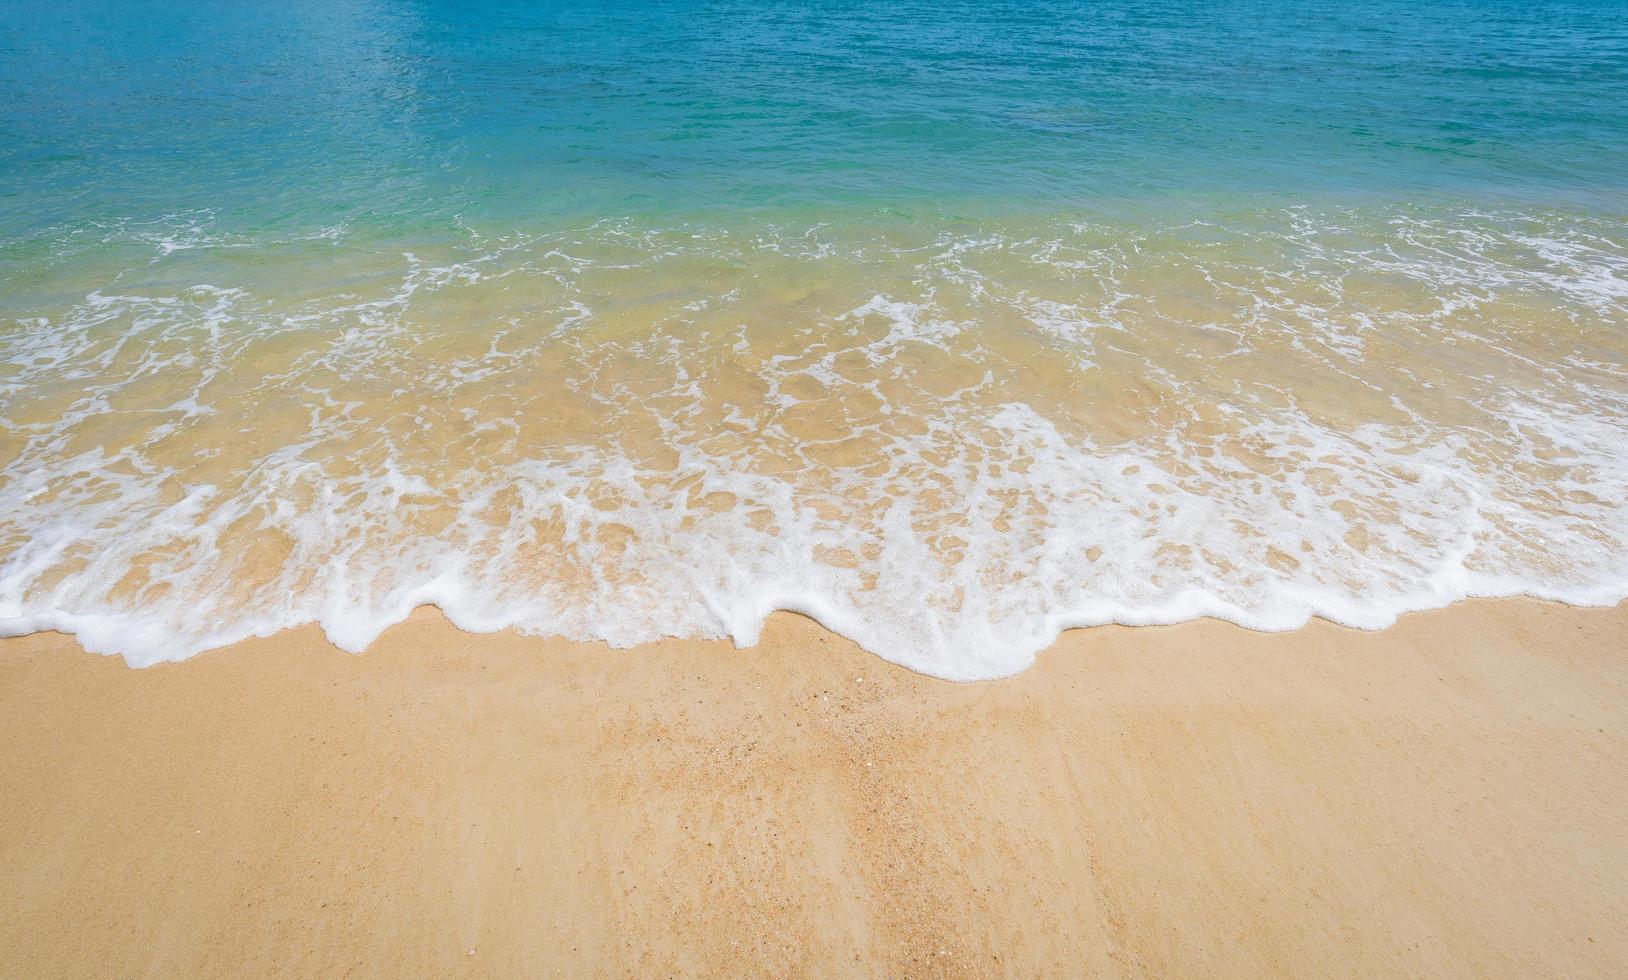 onde che lavano sulla spiaggia foto